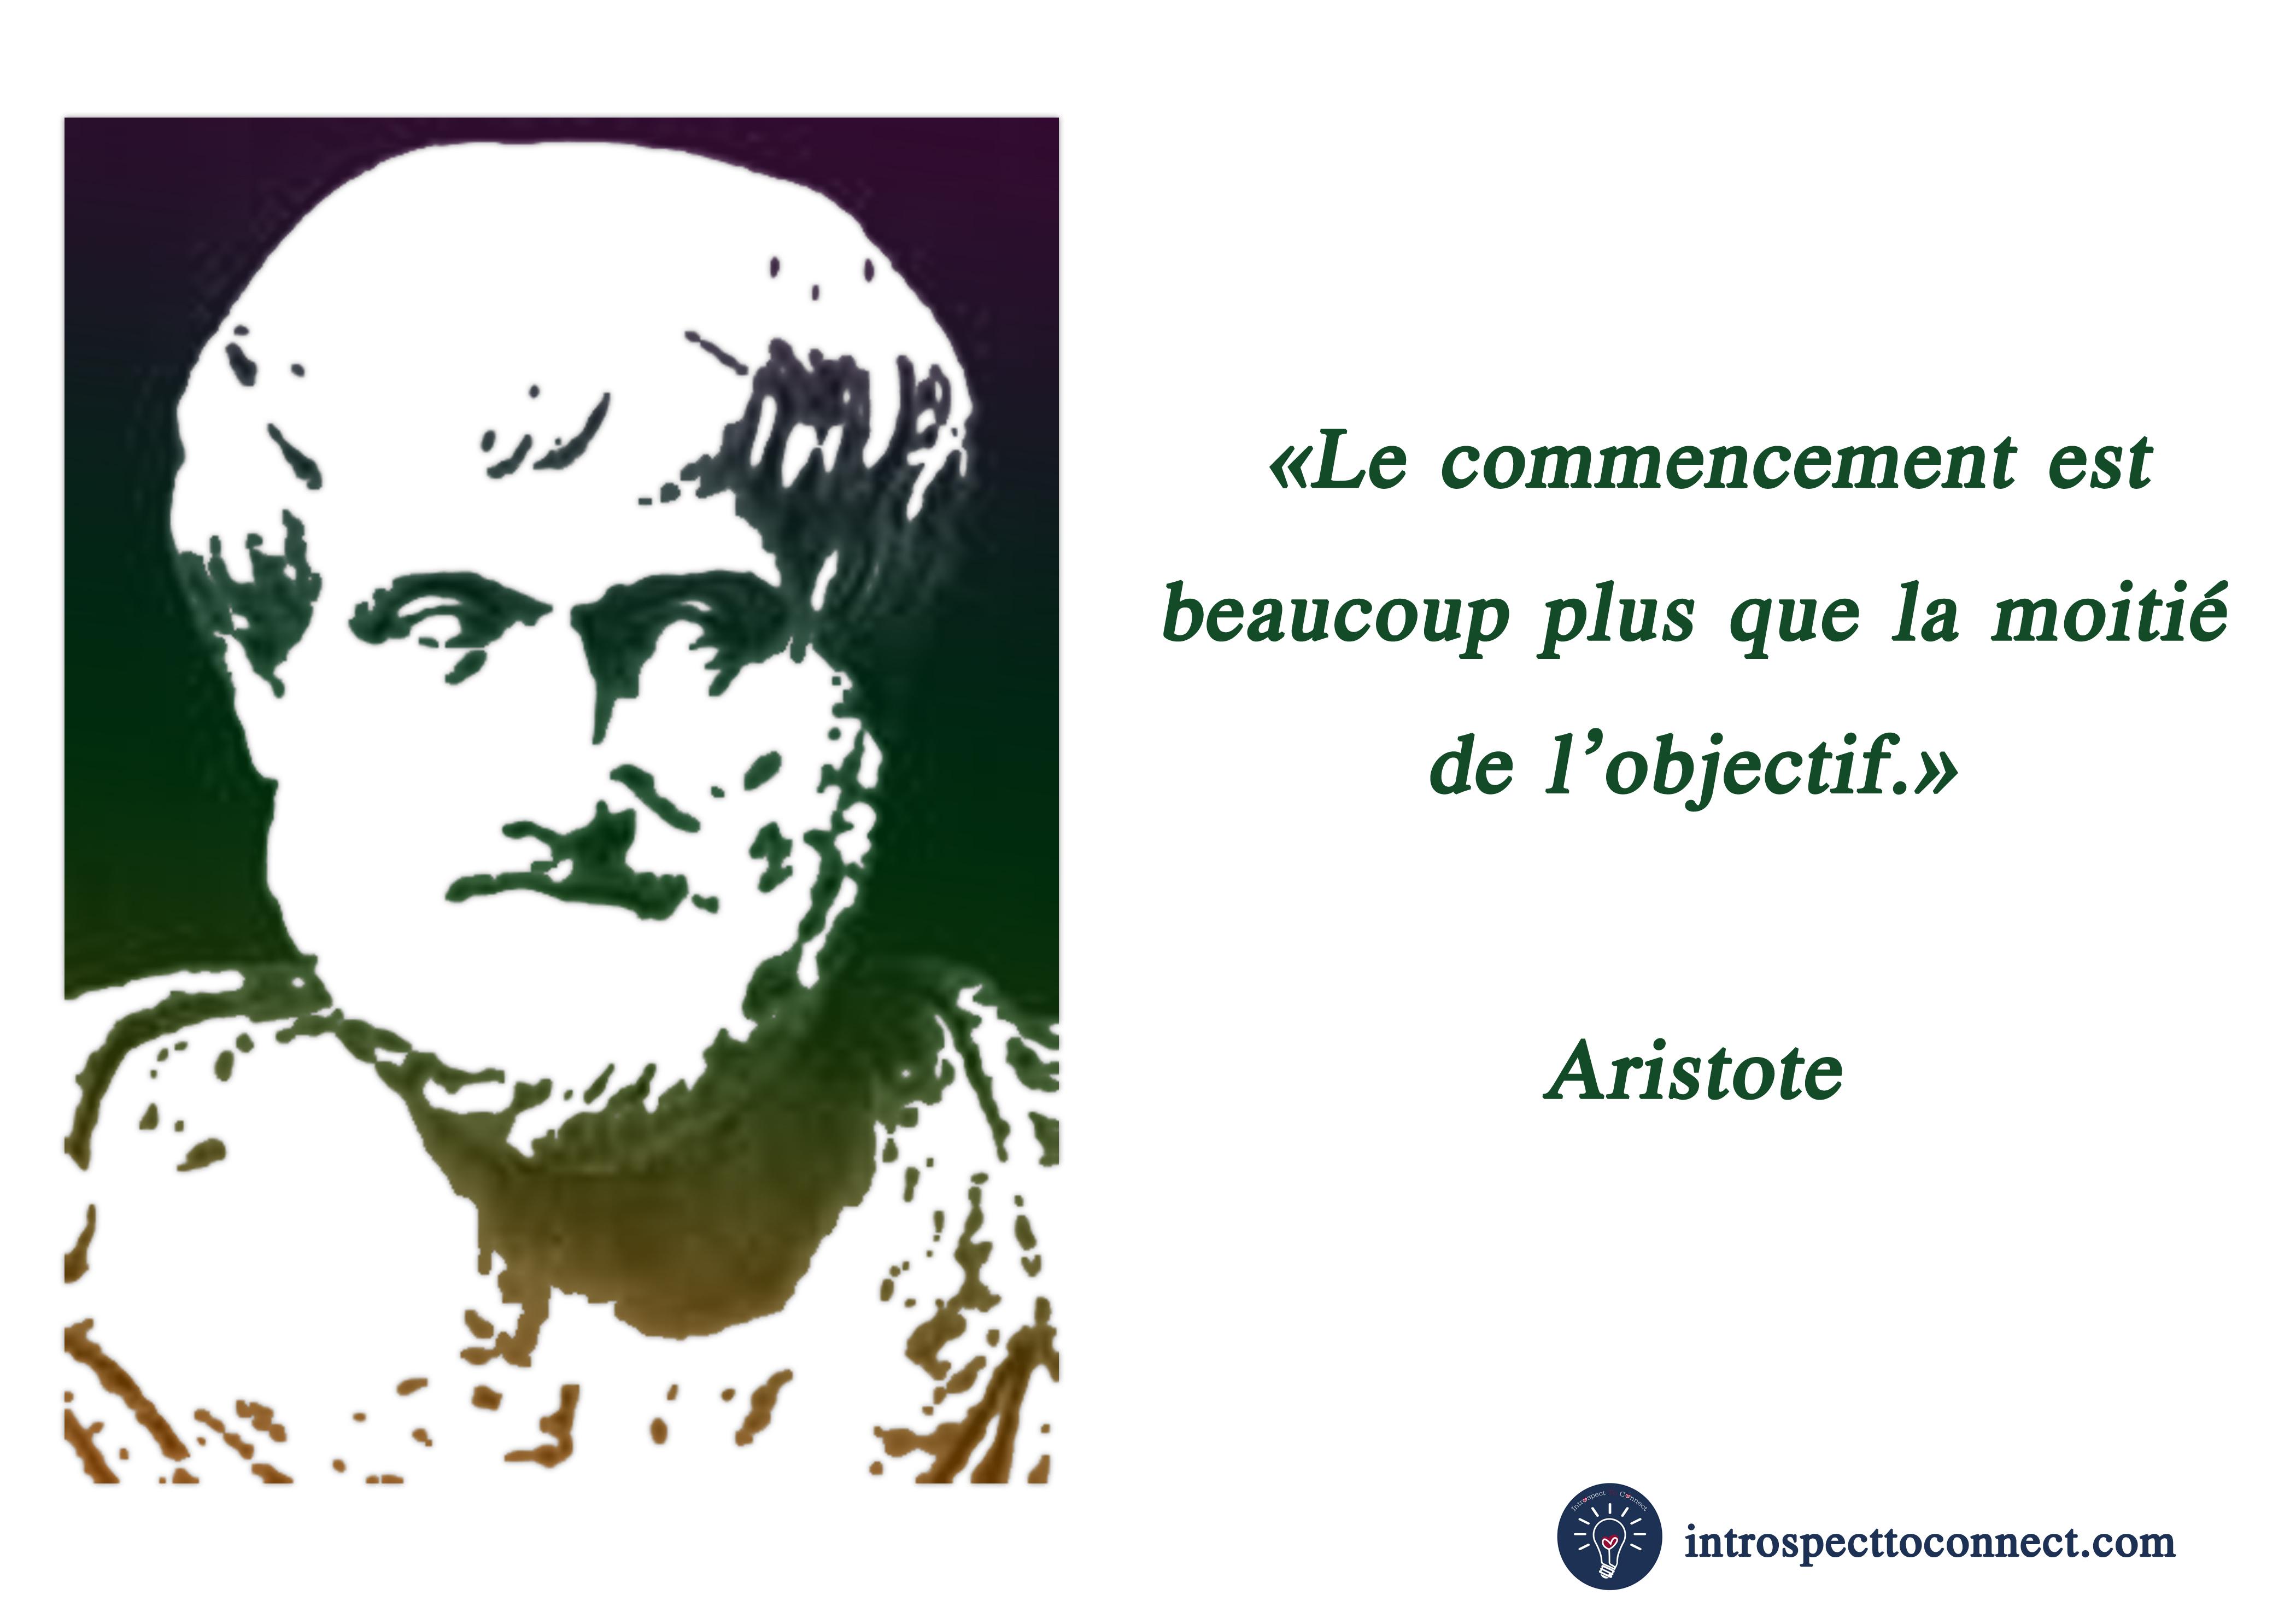 aristote-quote-copie